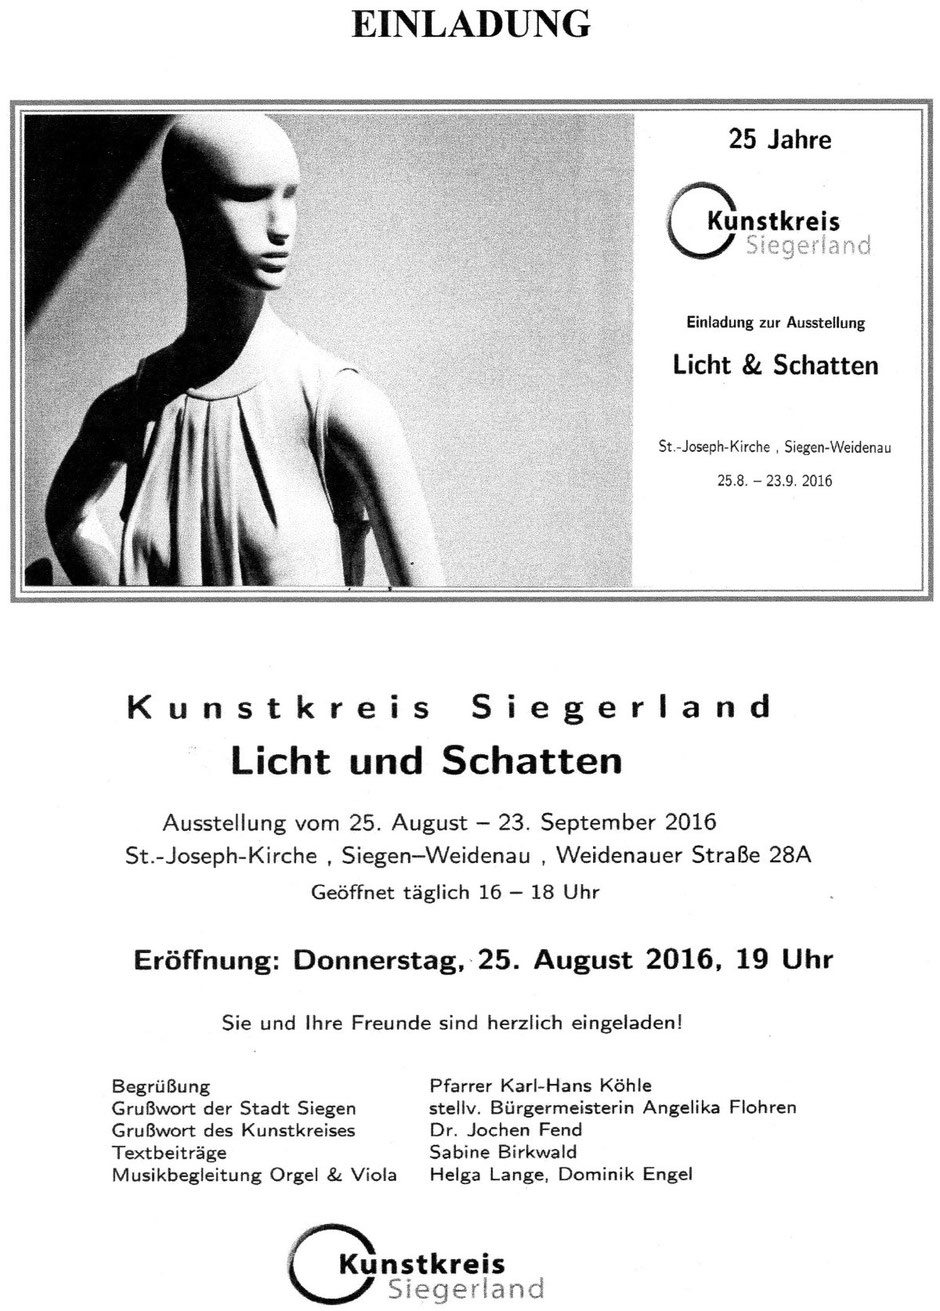 """Einladung zur Ausstellung """"Licht und Schatten"""" des Kunstkreis Siegerland, 2016, in der St. Joseph Kirche Weidenau,"""